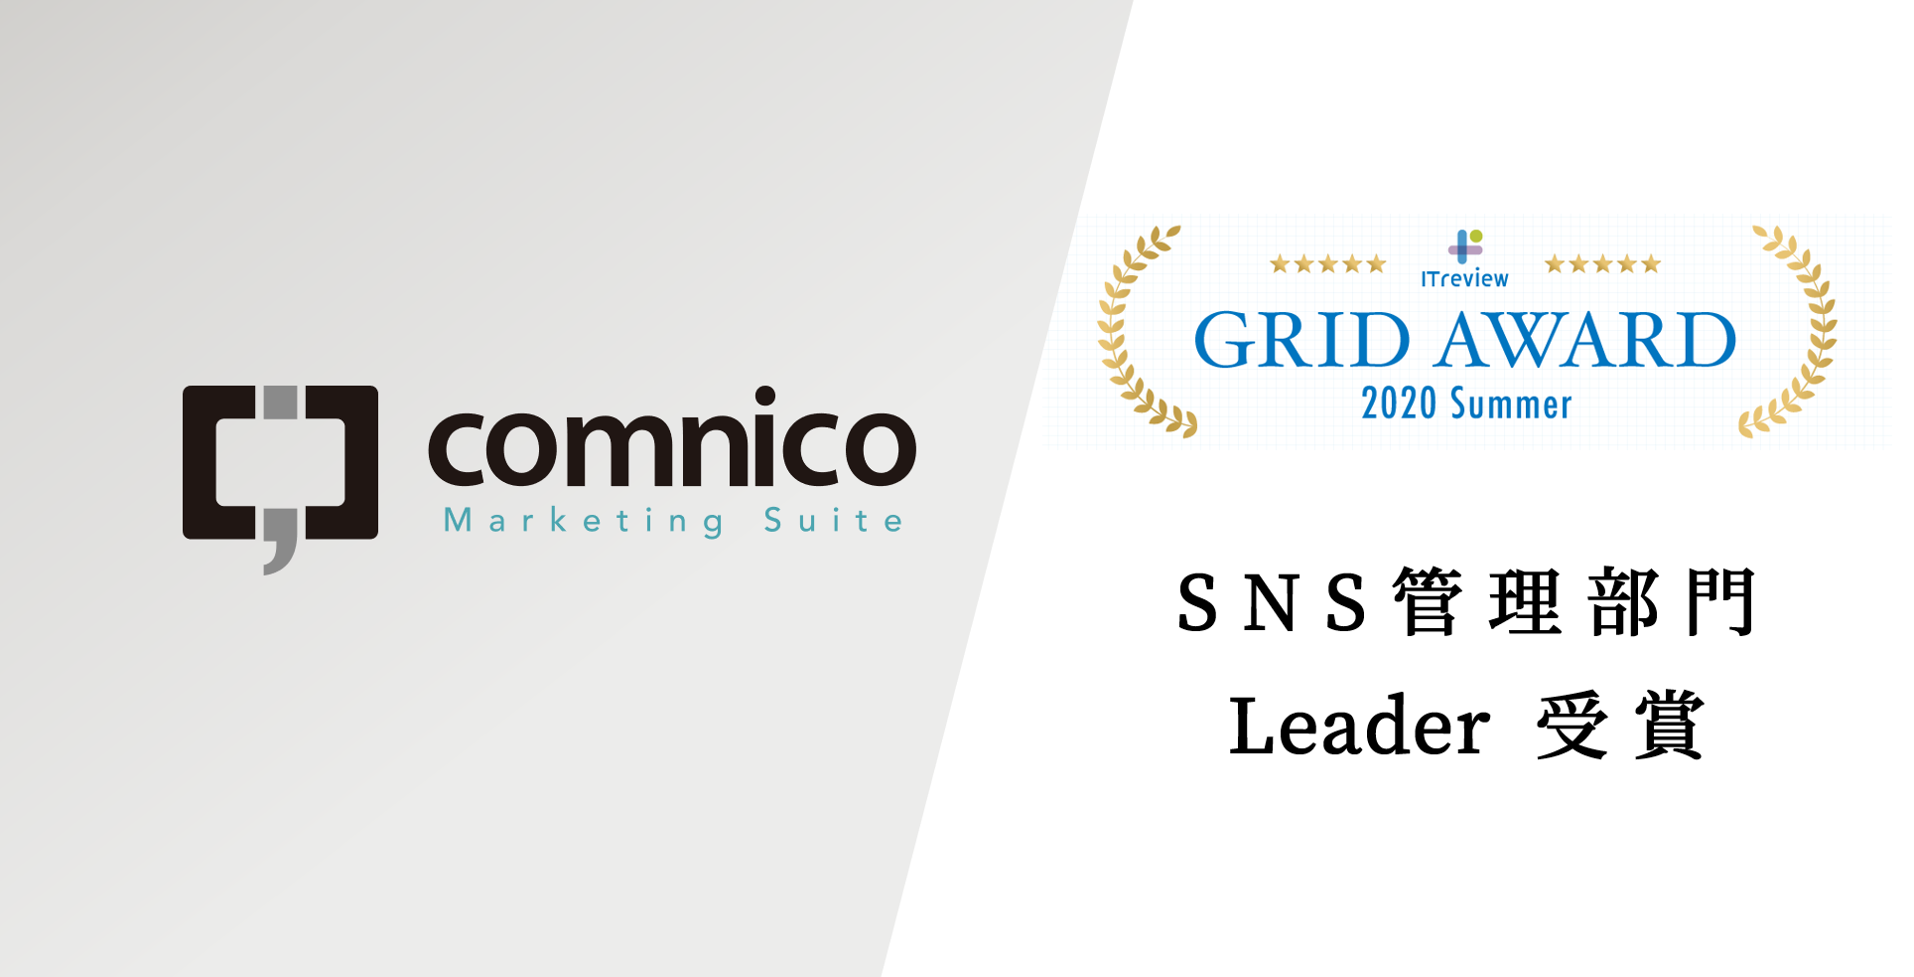 コムニコ マーケティングスイートが、「ITreview Grid Award 2020 Summer」SNS管理部門を受賞